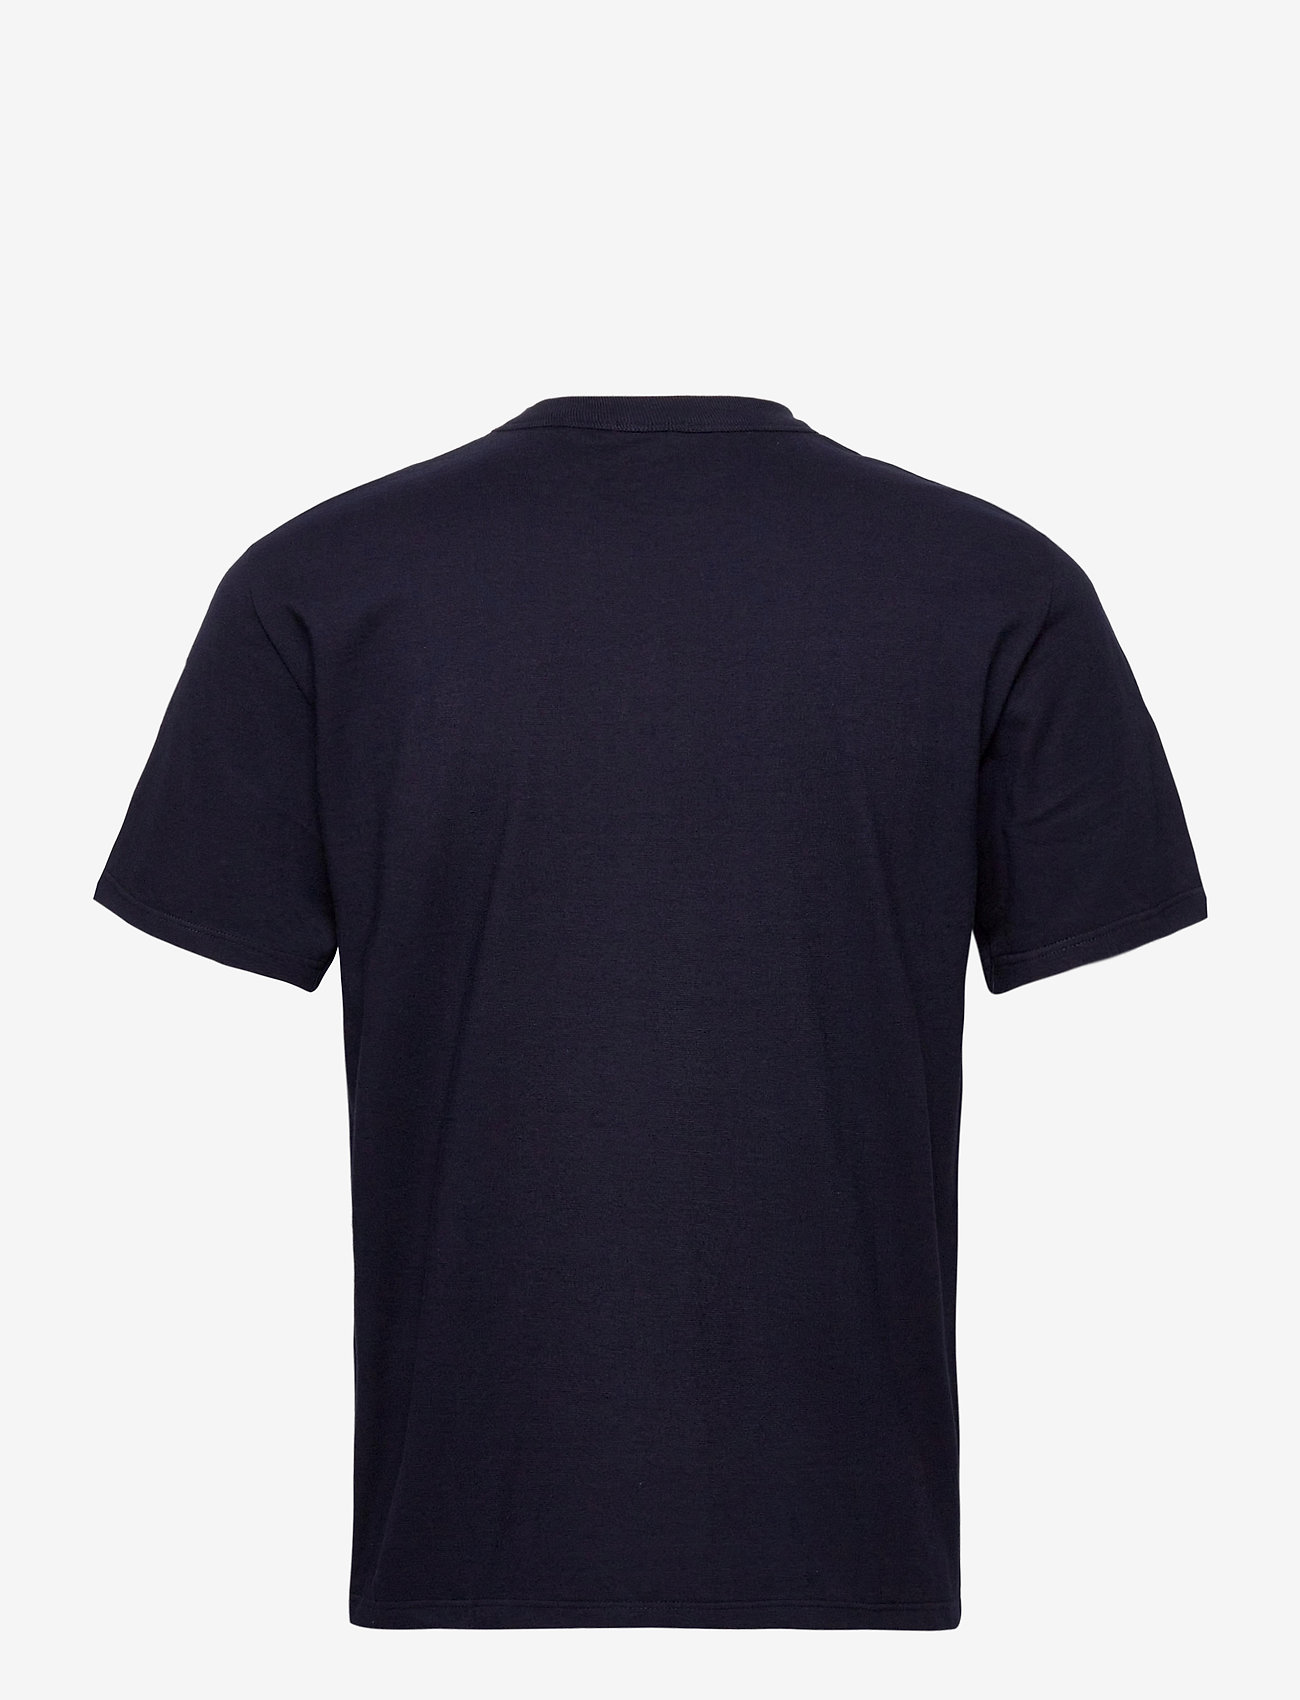 Armor Lux Round Neck T-Shirt - T-skjorter NAVY - Menn Klær